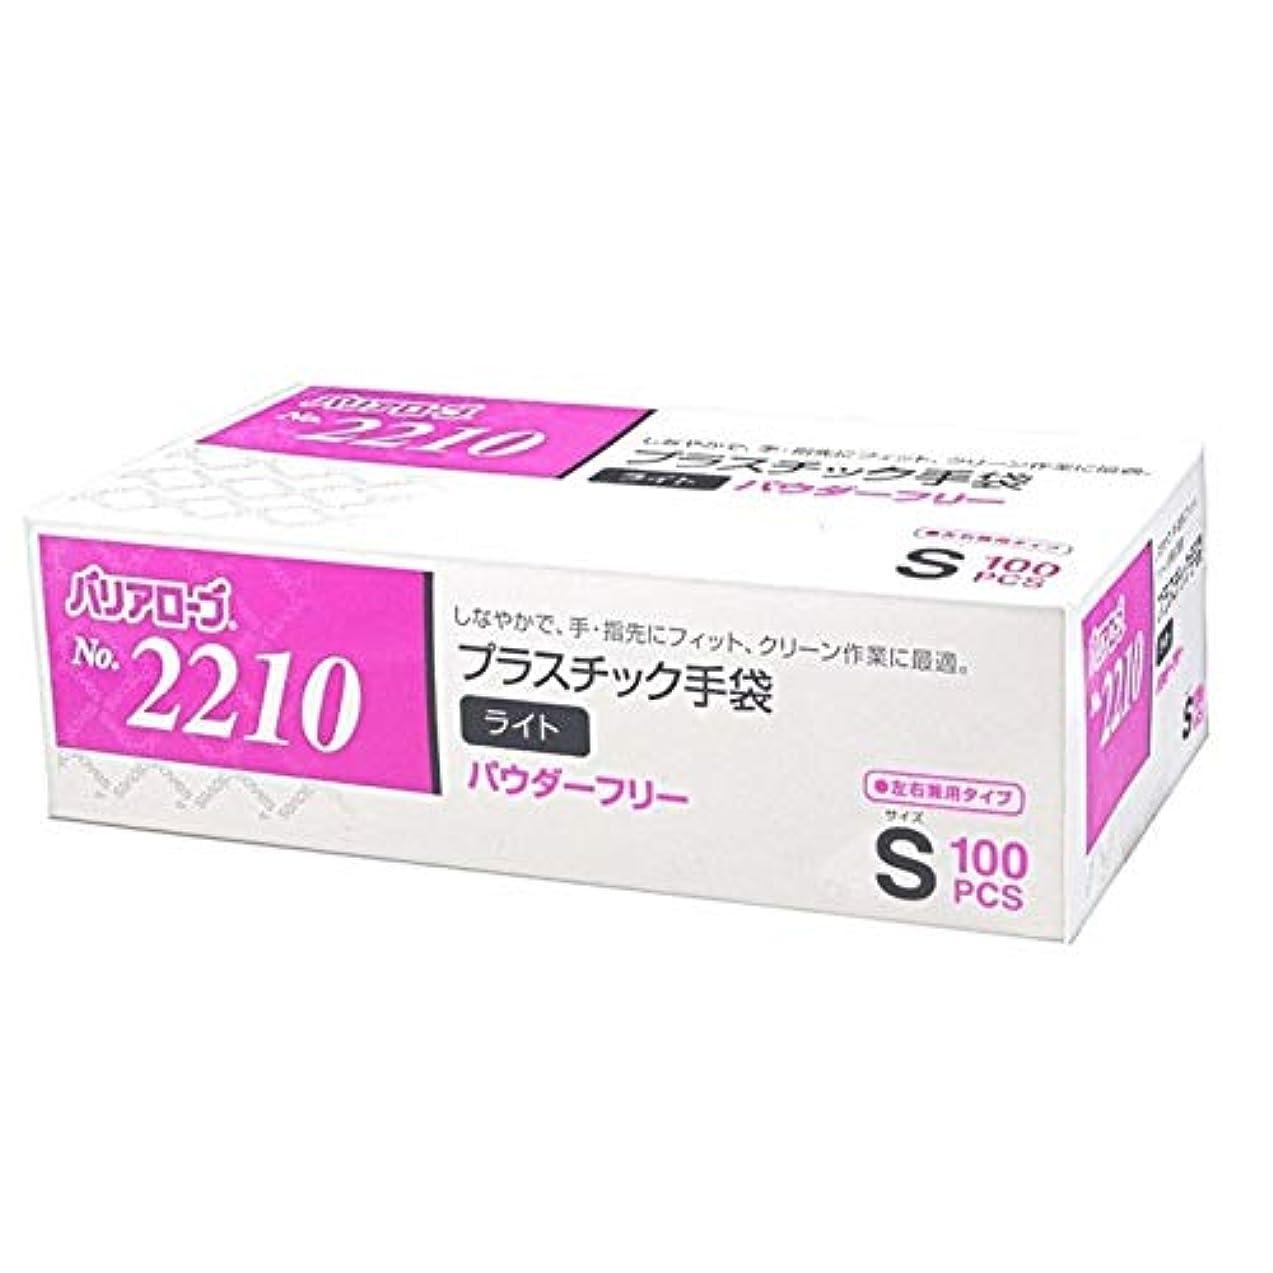 ジャグリング硫黄お酢【ケース販売】 バリアローブ №2210 プラスチック手袋 ライト (パウダーフリー) S 2000枚(100枚×20箱)